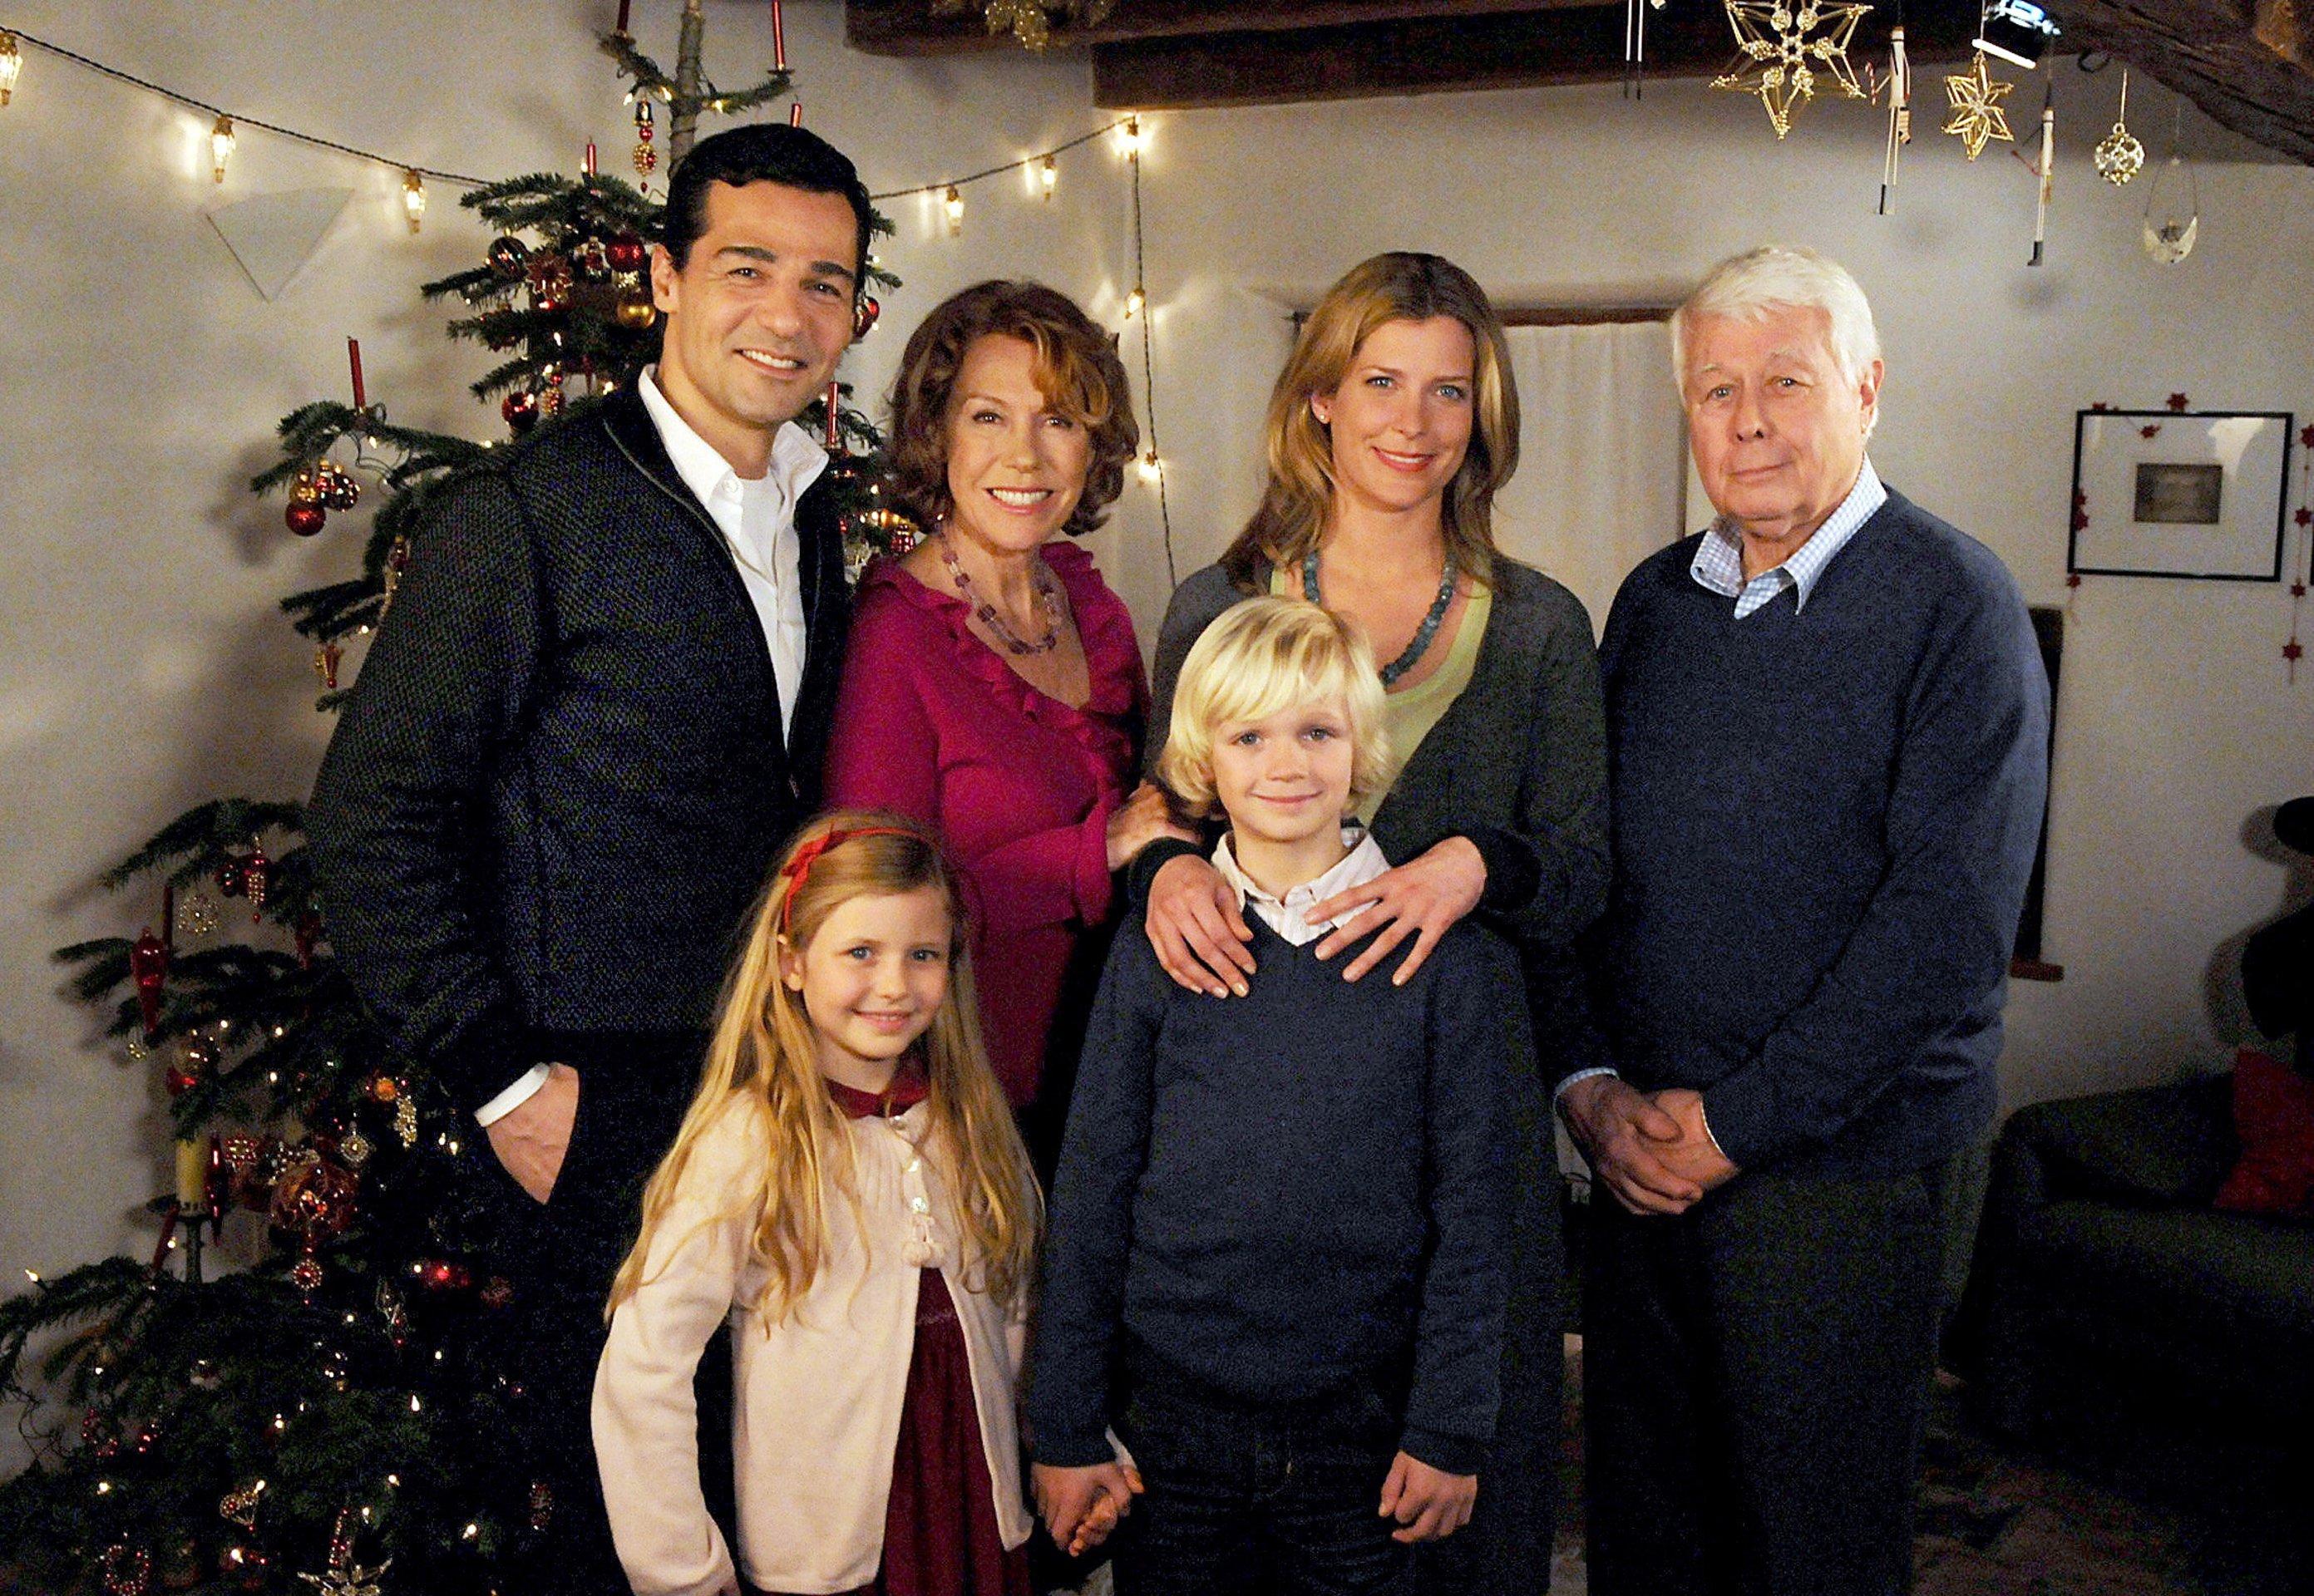 Nico liersch family - Bilder